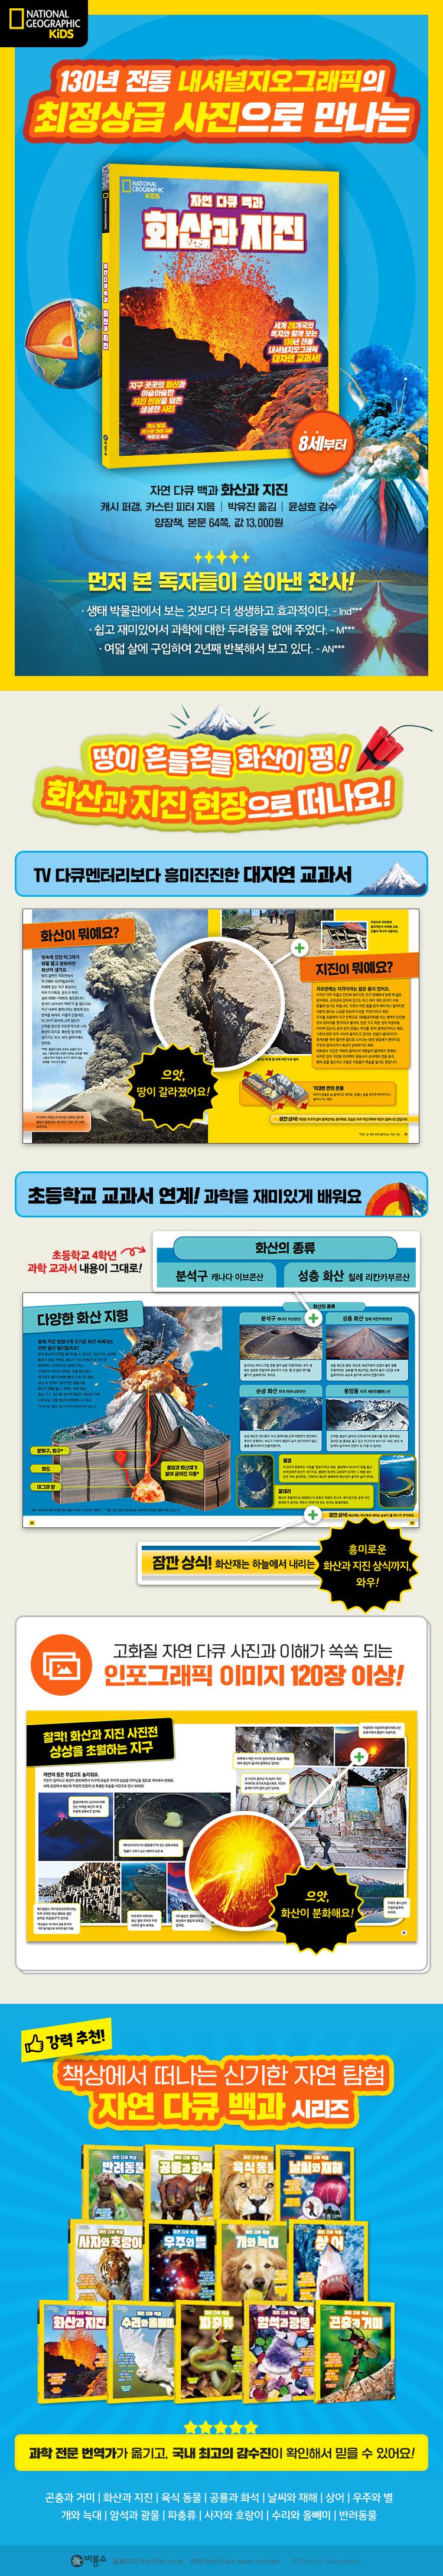 @상세페이지_냇지오_자연다큐백과_화산과지진_수정 (2)